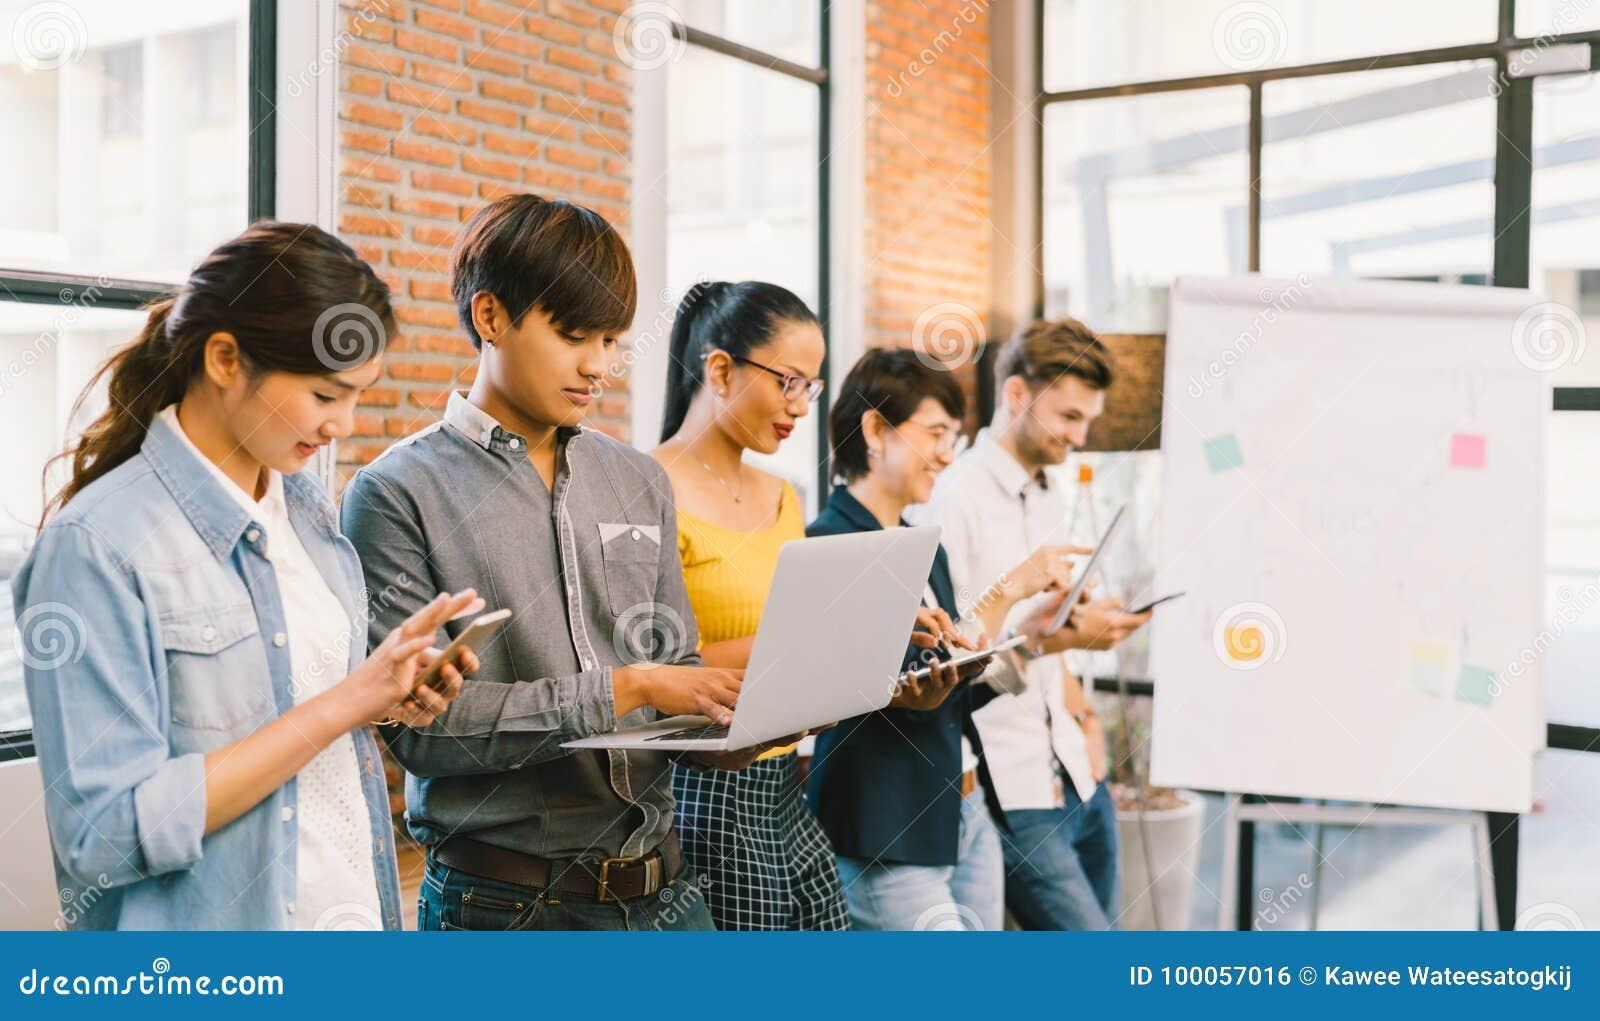 不同种族的不同的小组使用信息技术小配件设备的愉快的年轻成人一起 享用生活方式现代相当白人妇女的概念长沙发